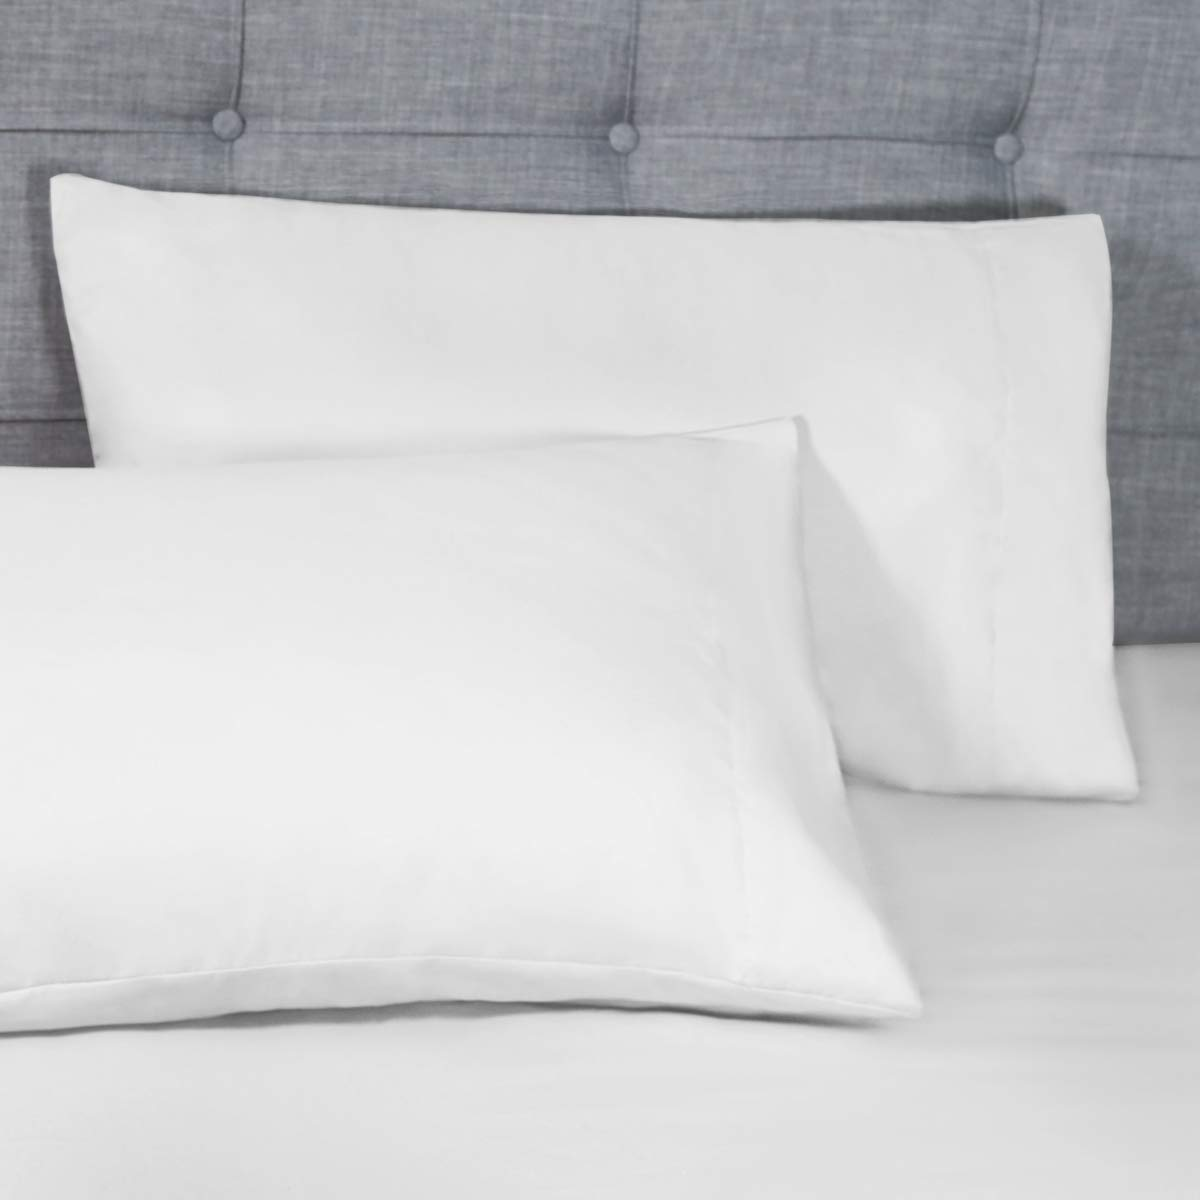 HomeIdeas - Juego de sábanas de 4 piezas (completo, dorado) 1 sábana encimera, 1 sábana bajera ajustable y 2 fundas de almohada, 100 % microfibra cepillada ...